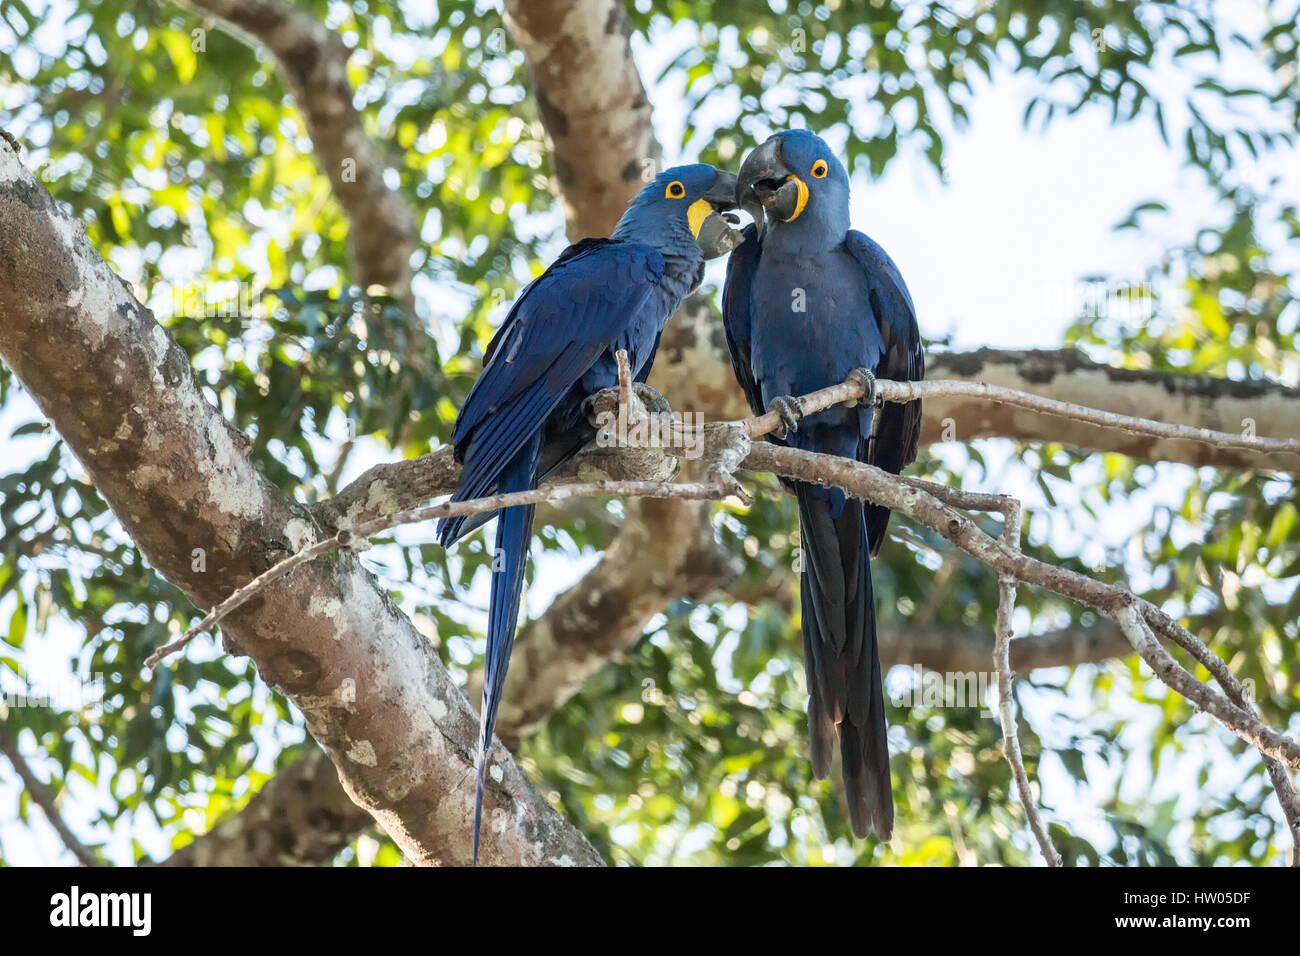 Verpaart paar Hyazinth-Aras, Zuneigung, wie sie in einem Baum in der Pantanal-Region,, Mato Grosso, Brasilien, Südamerika Stockbild